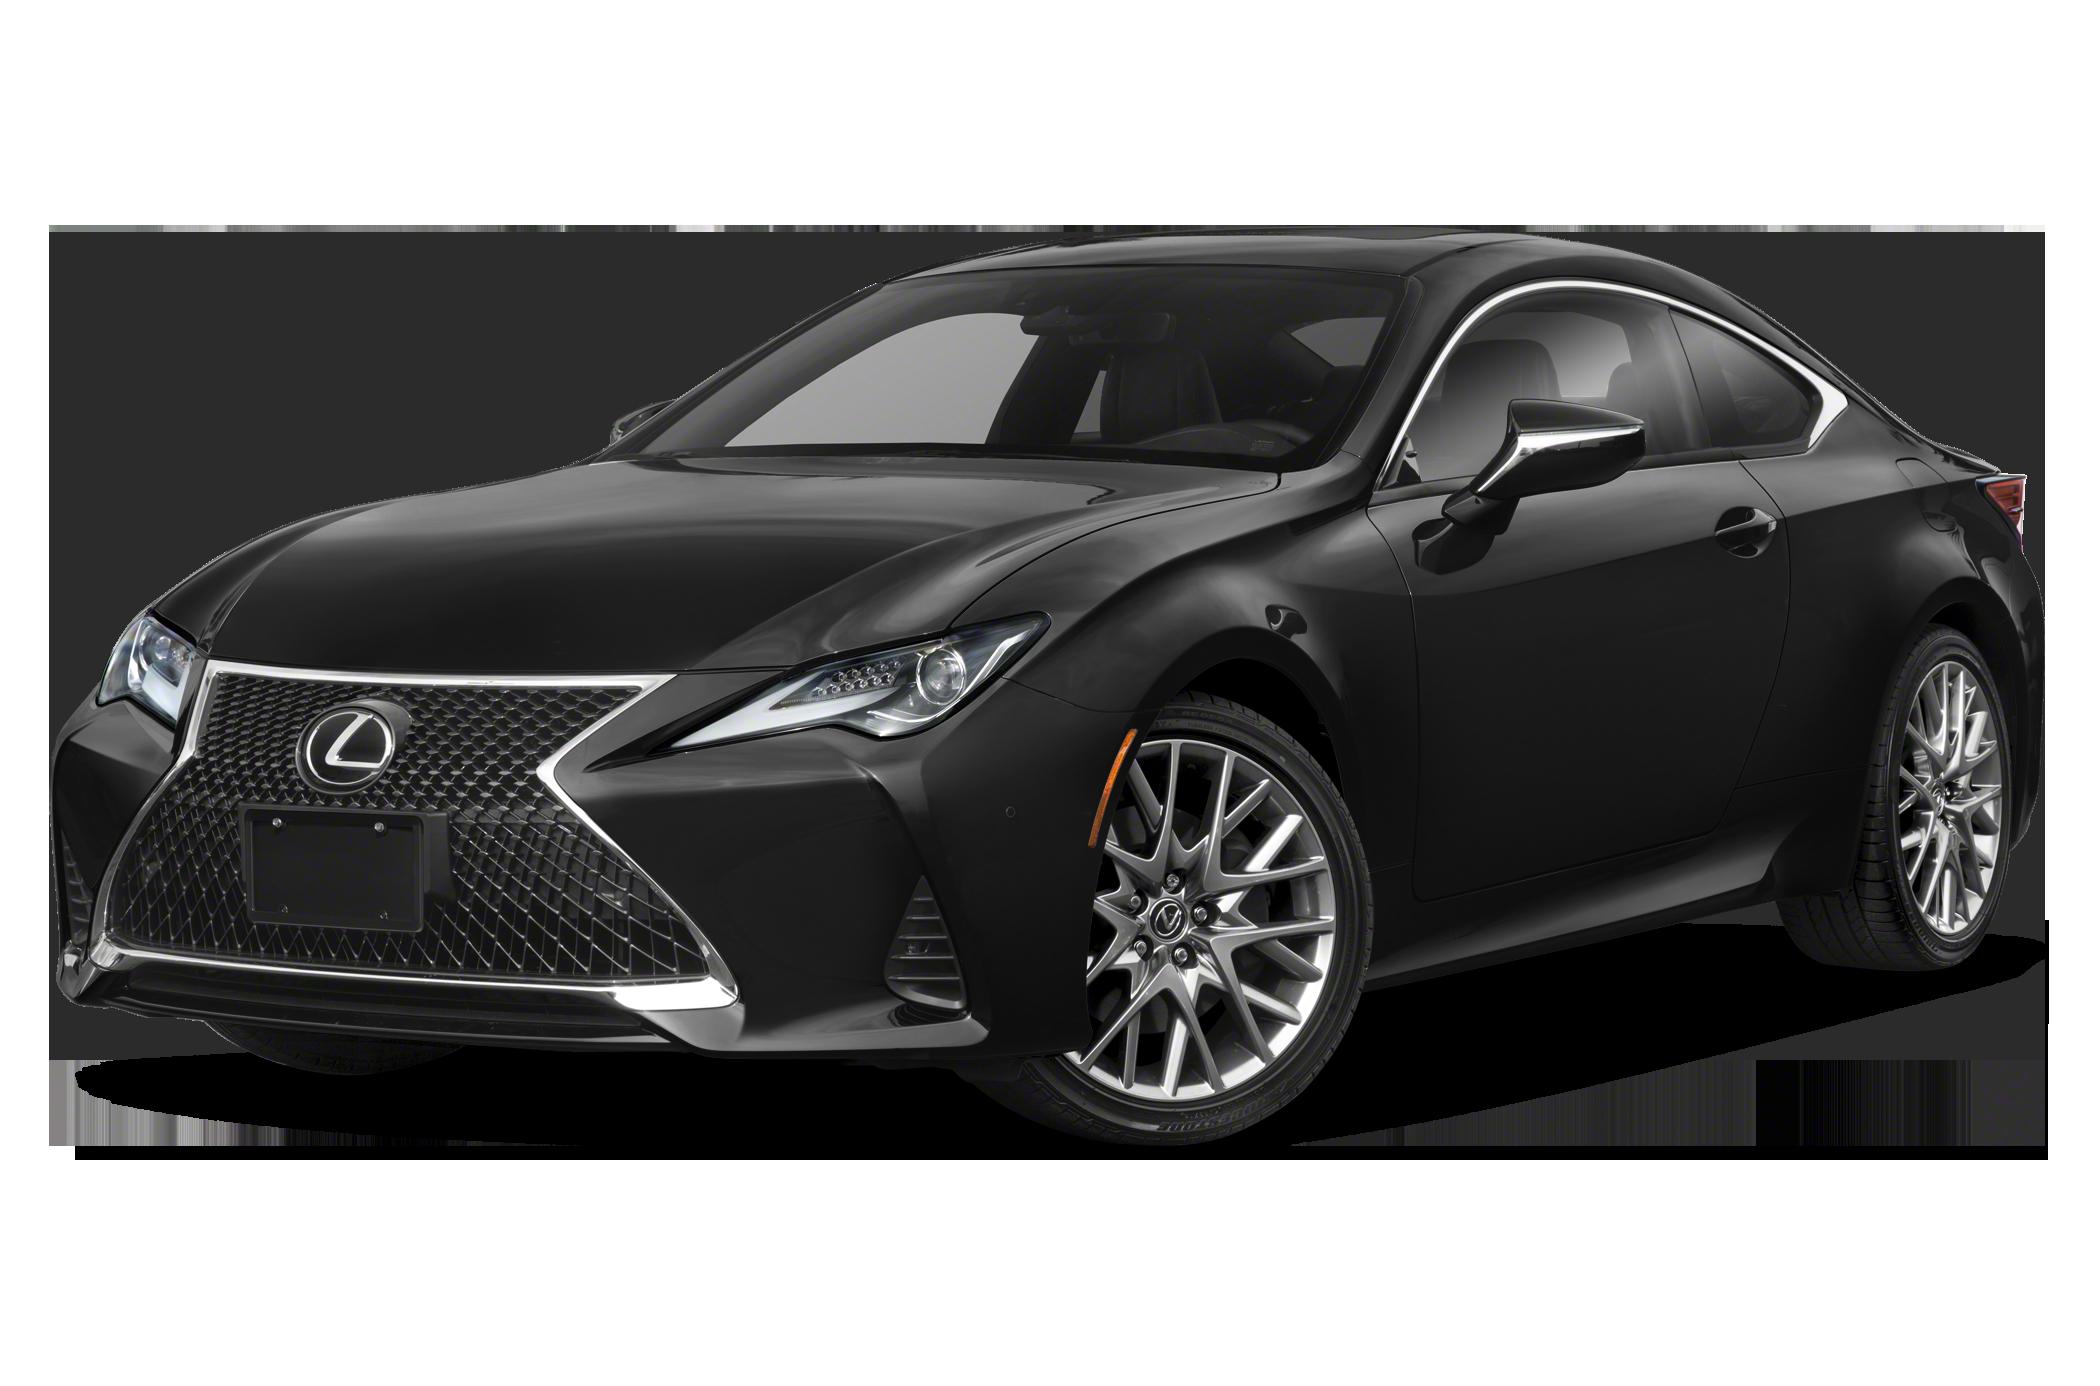 2021 lexus rc 350 - view specs, prices & photos - wheels.ca